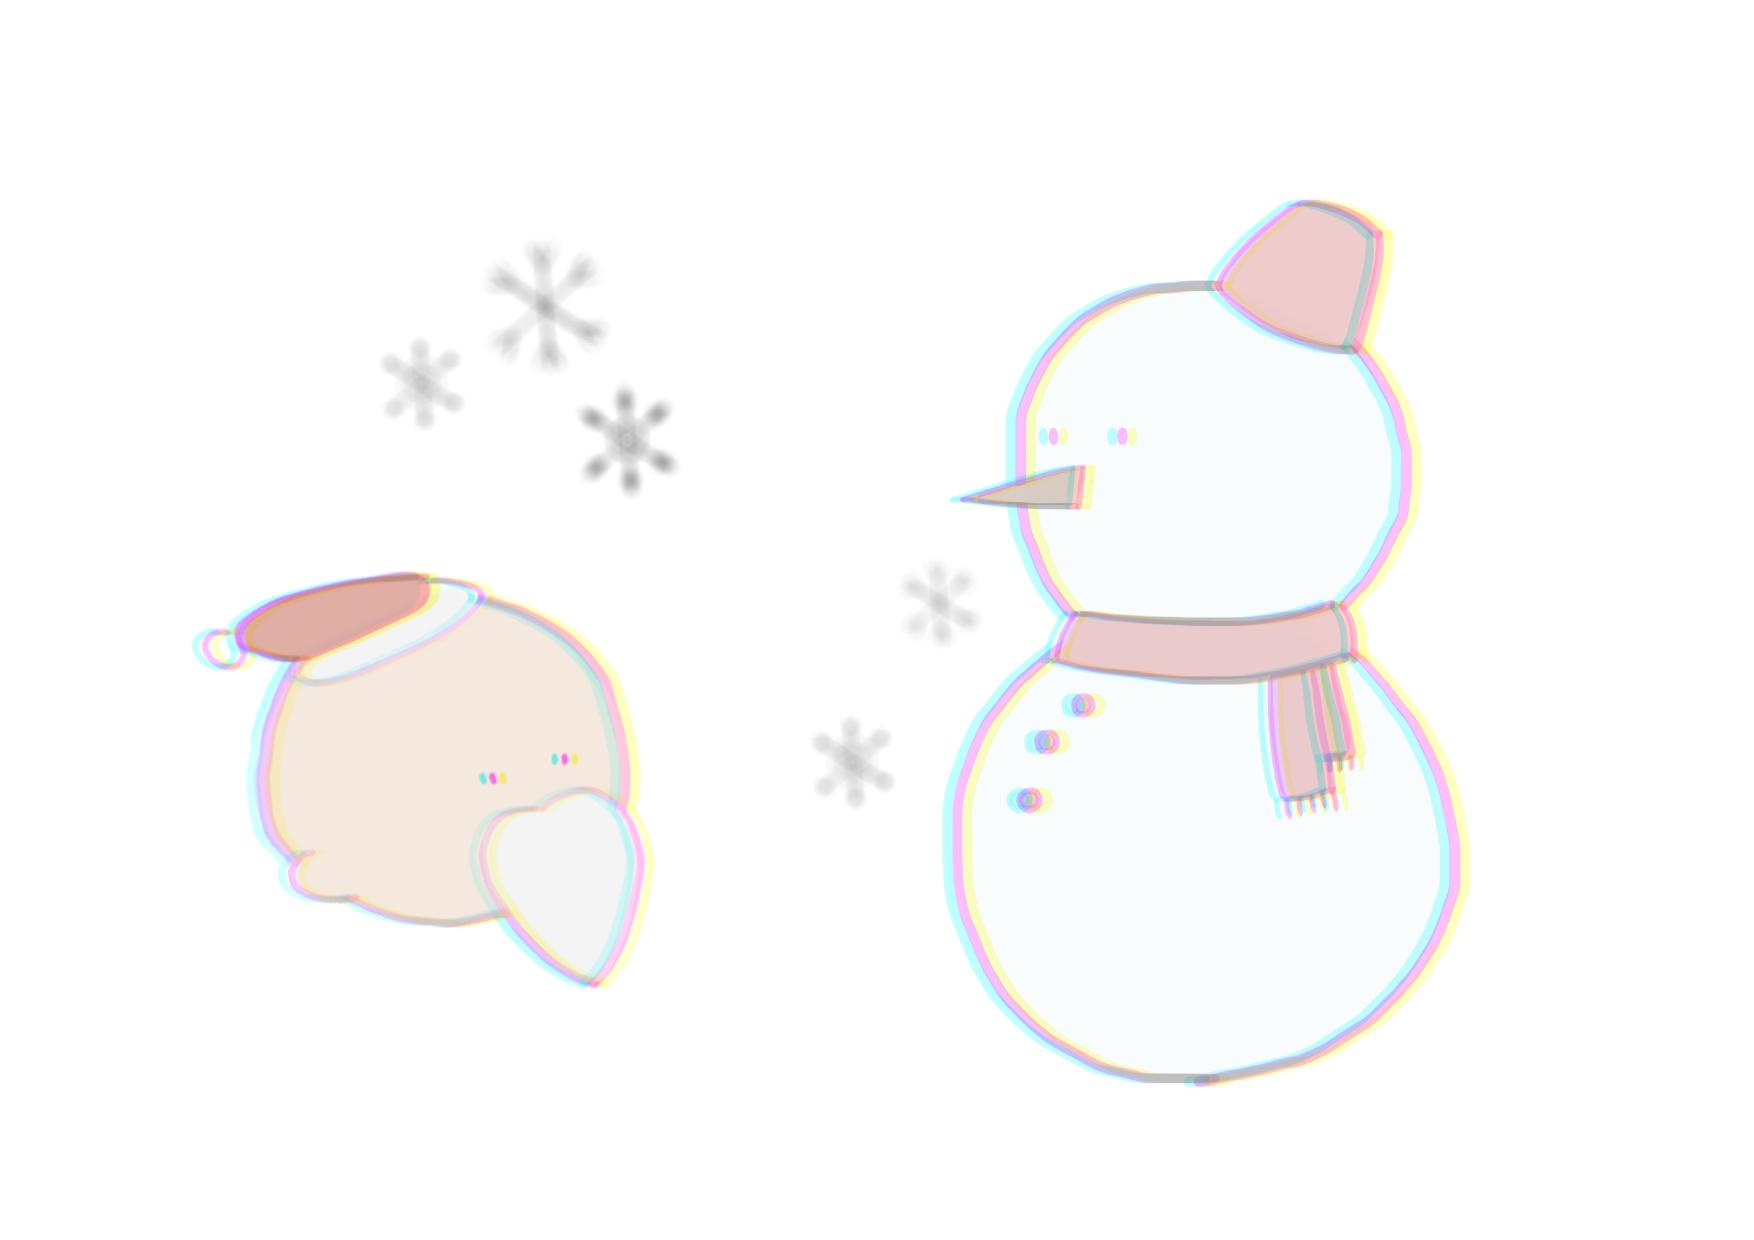 冬の手書きイラストの描き方!初心者向けの簡単な描き方・コツも紹介!